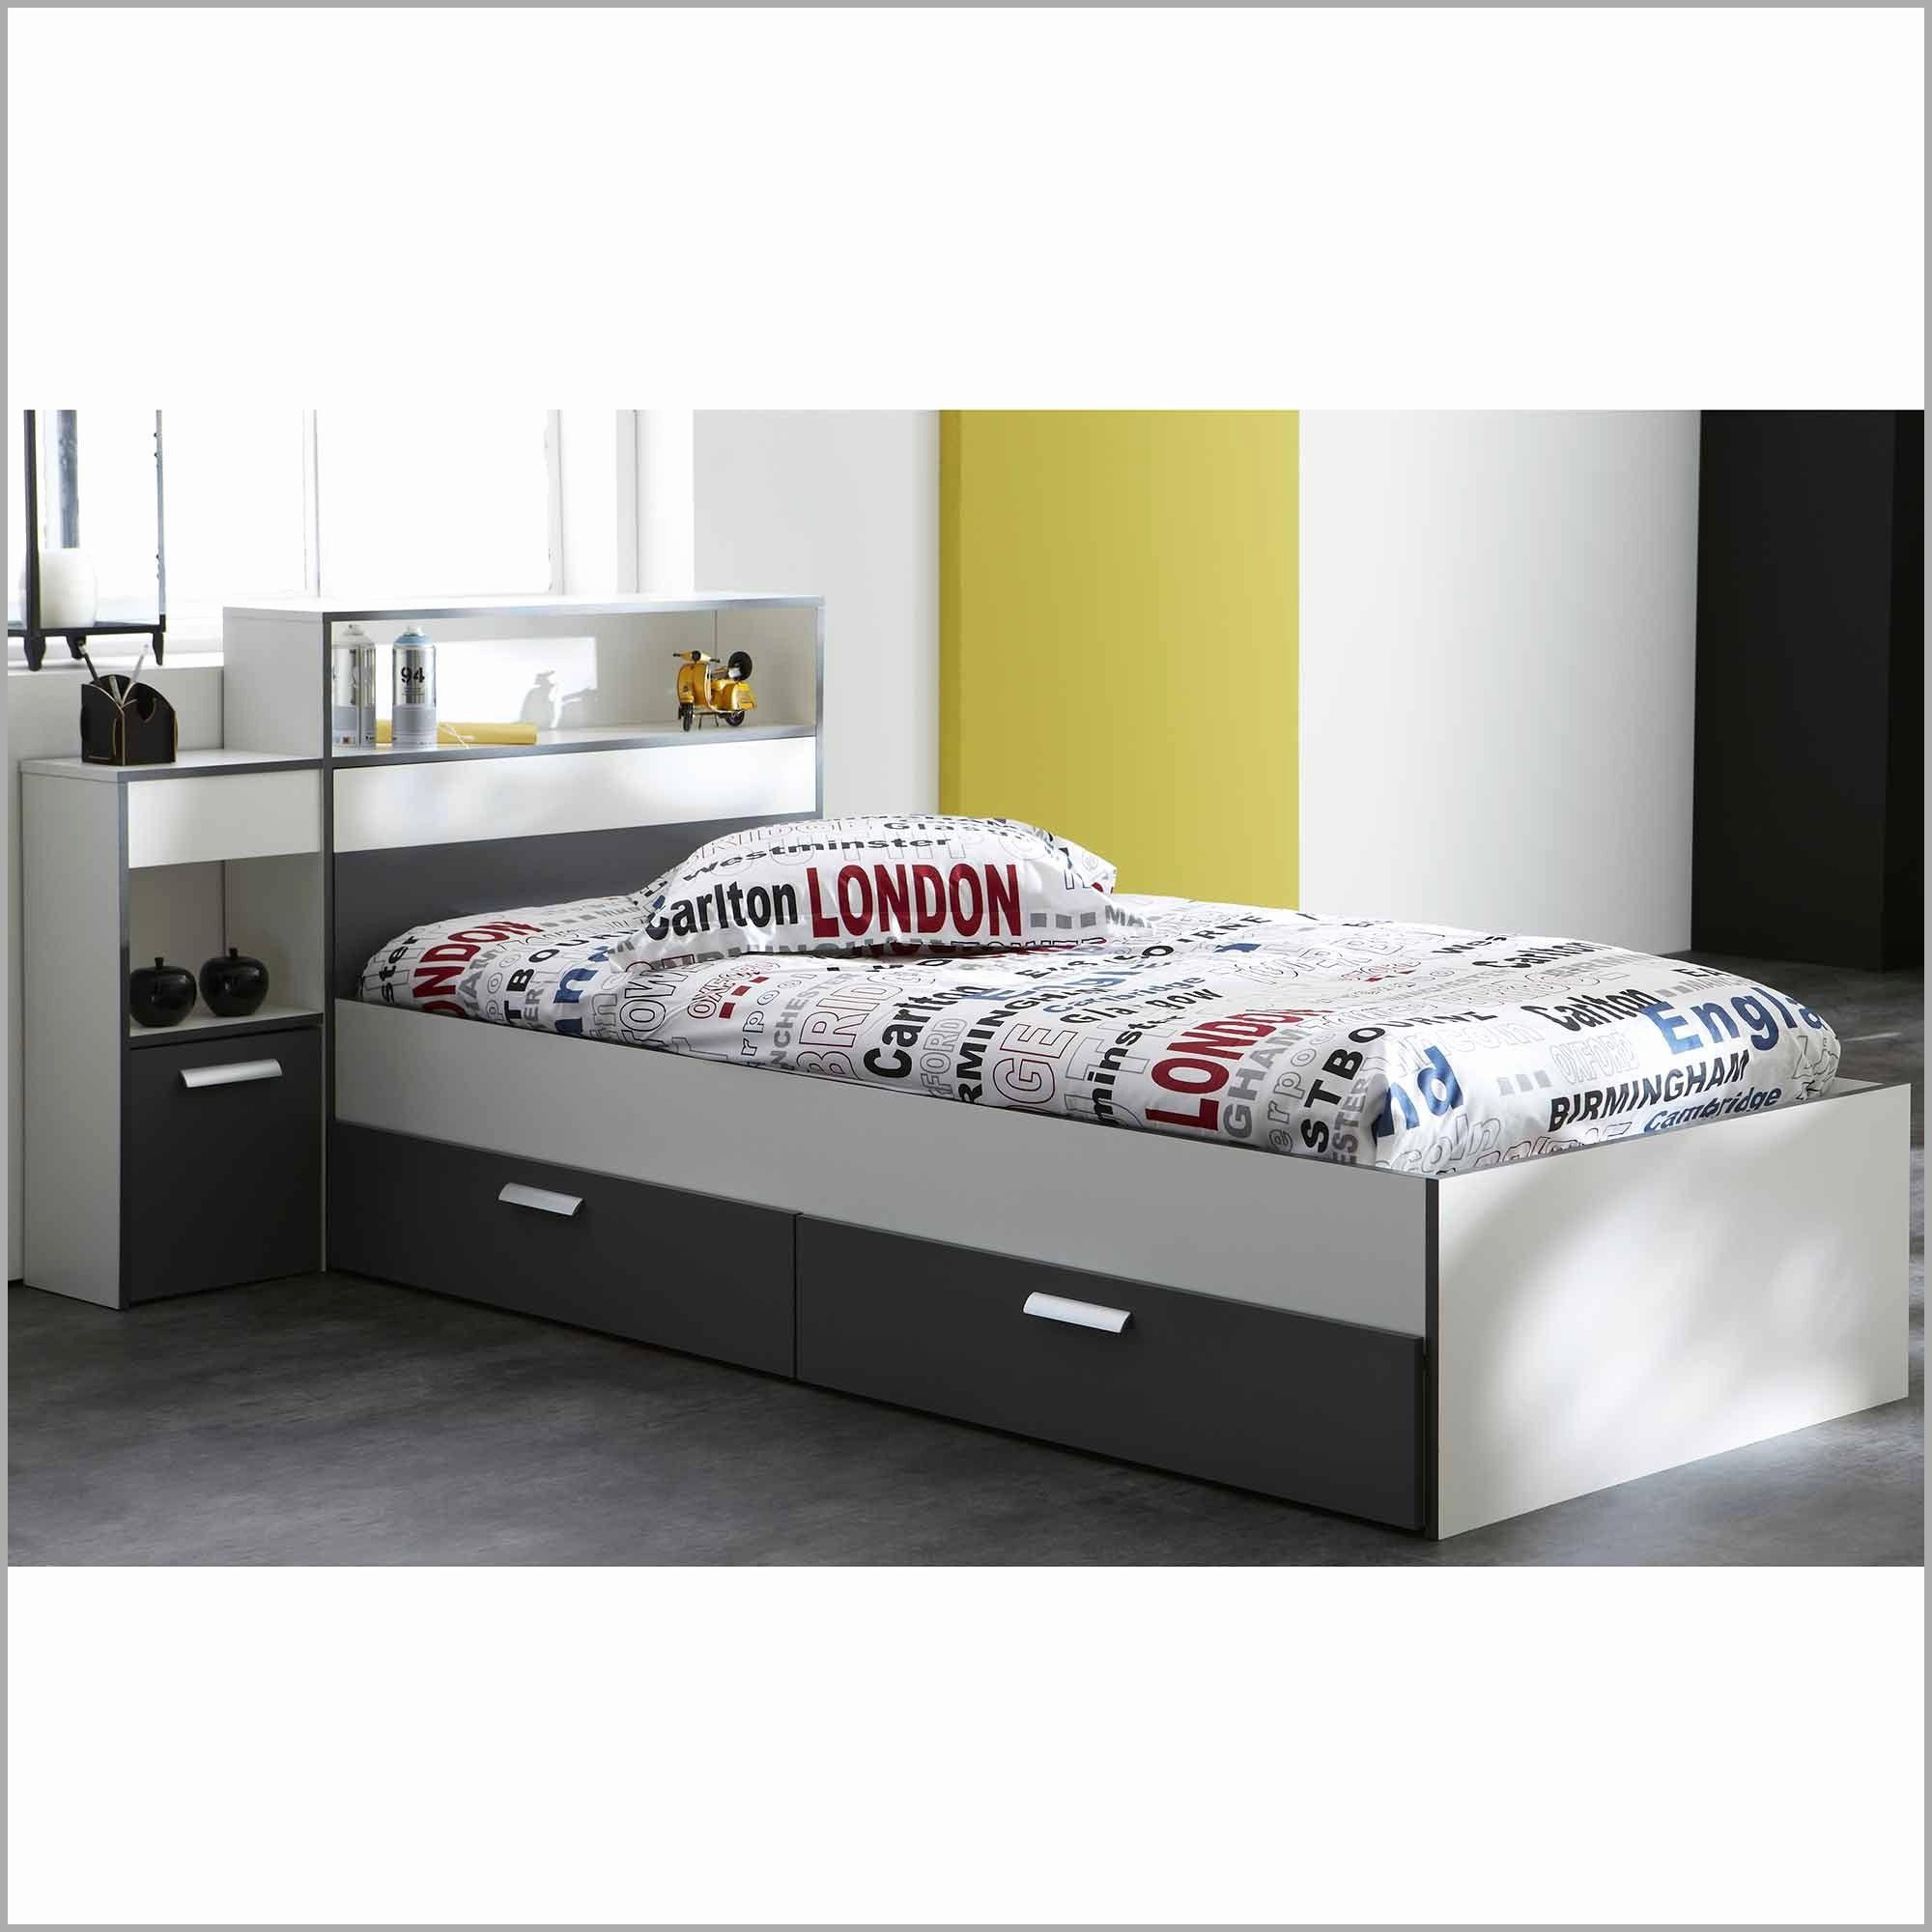 Tete De Lit Blanche 180 Bel Lit Metal Blanc Inspirant Tete De Lit Ikea 180 Fauteuil Salon Ikea